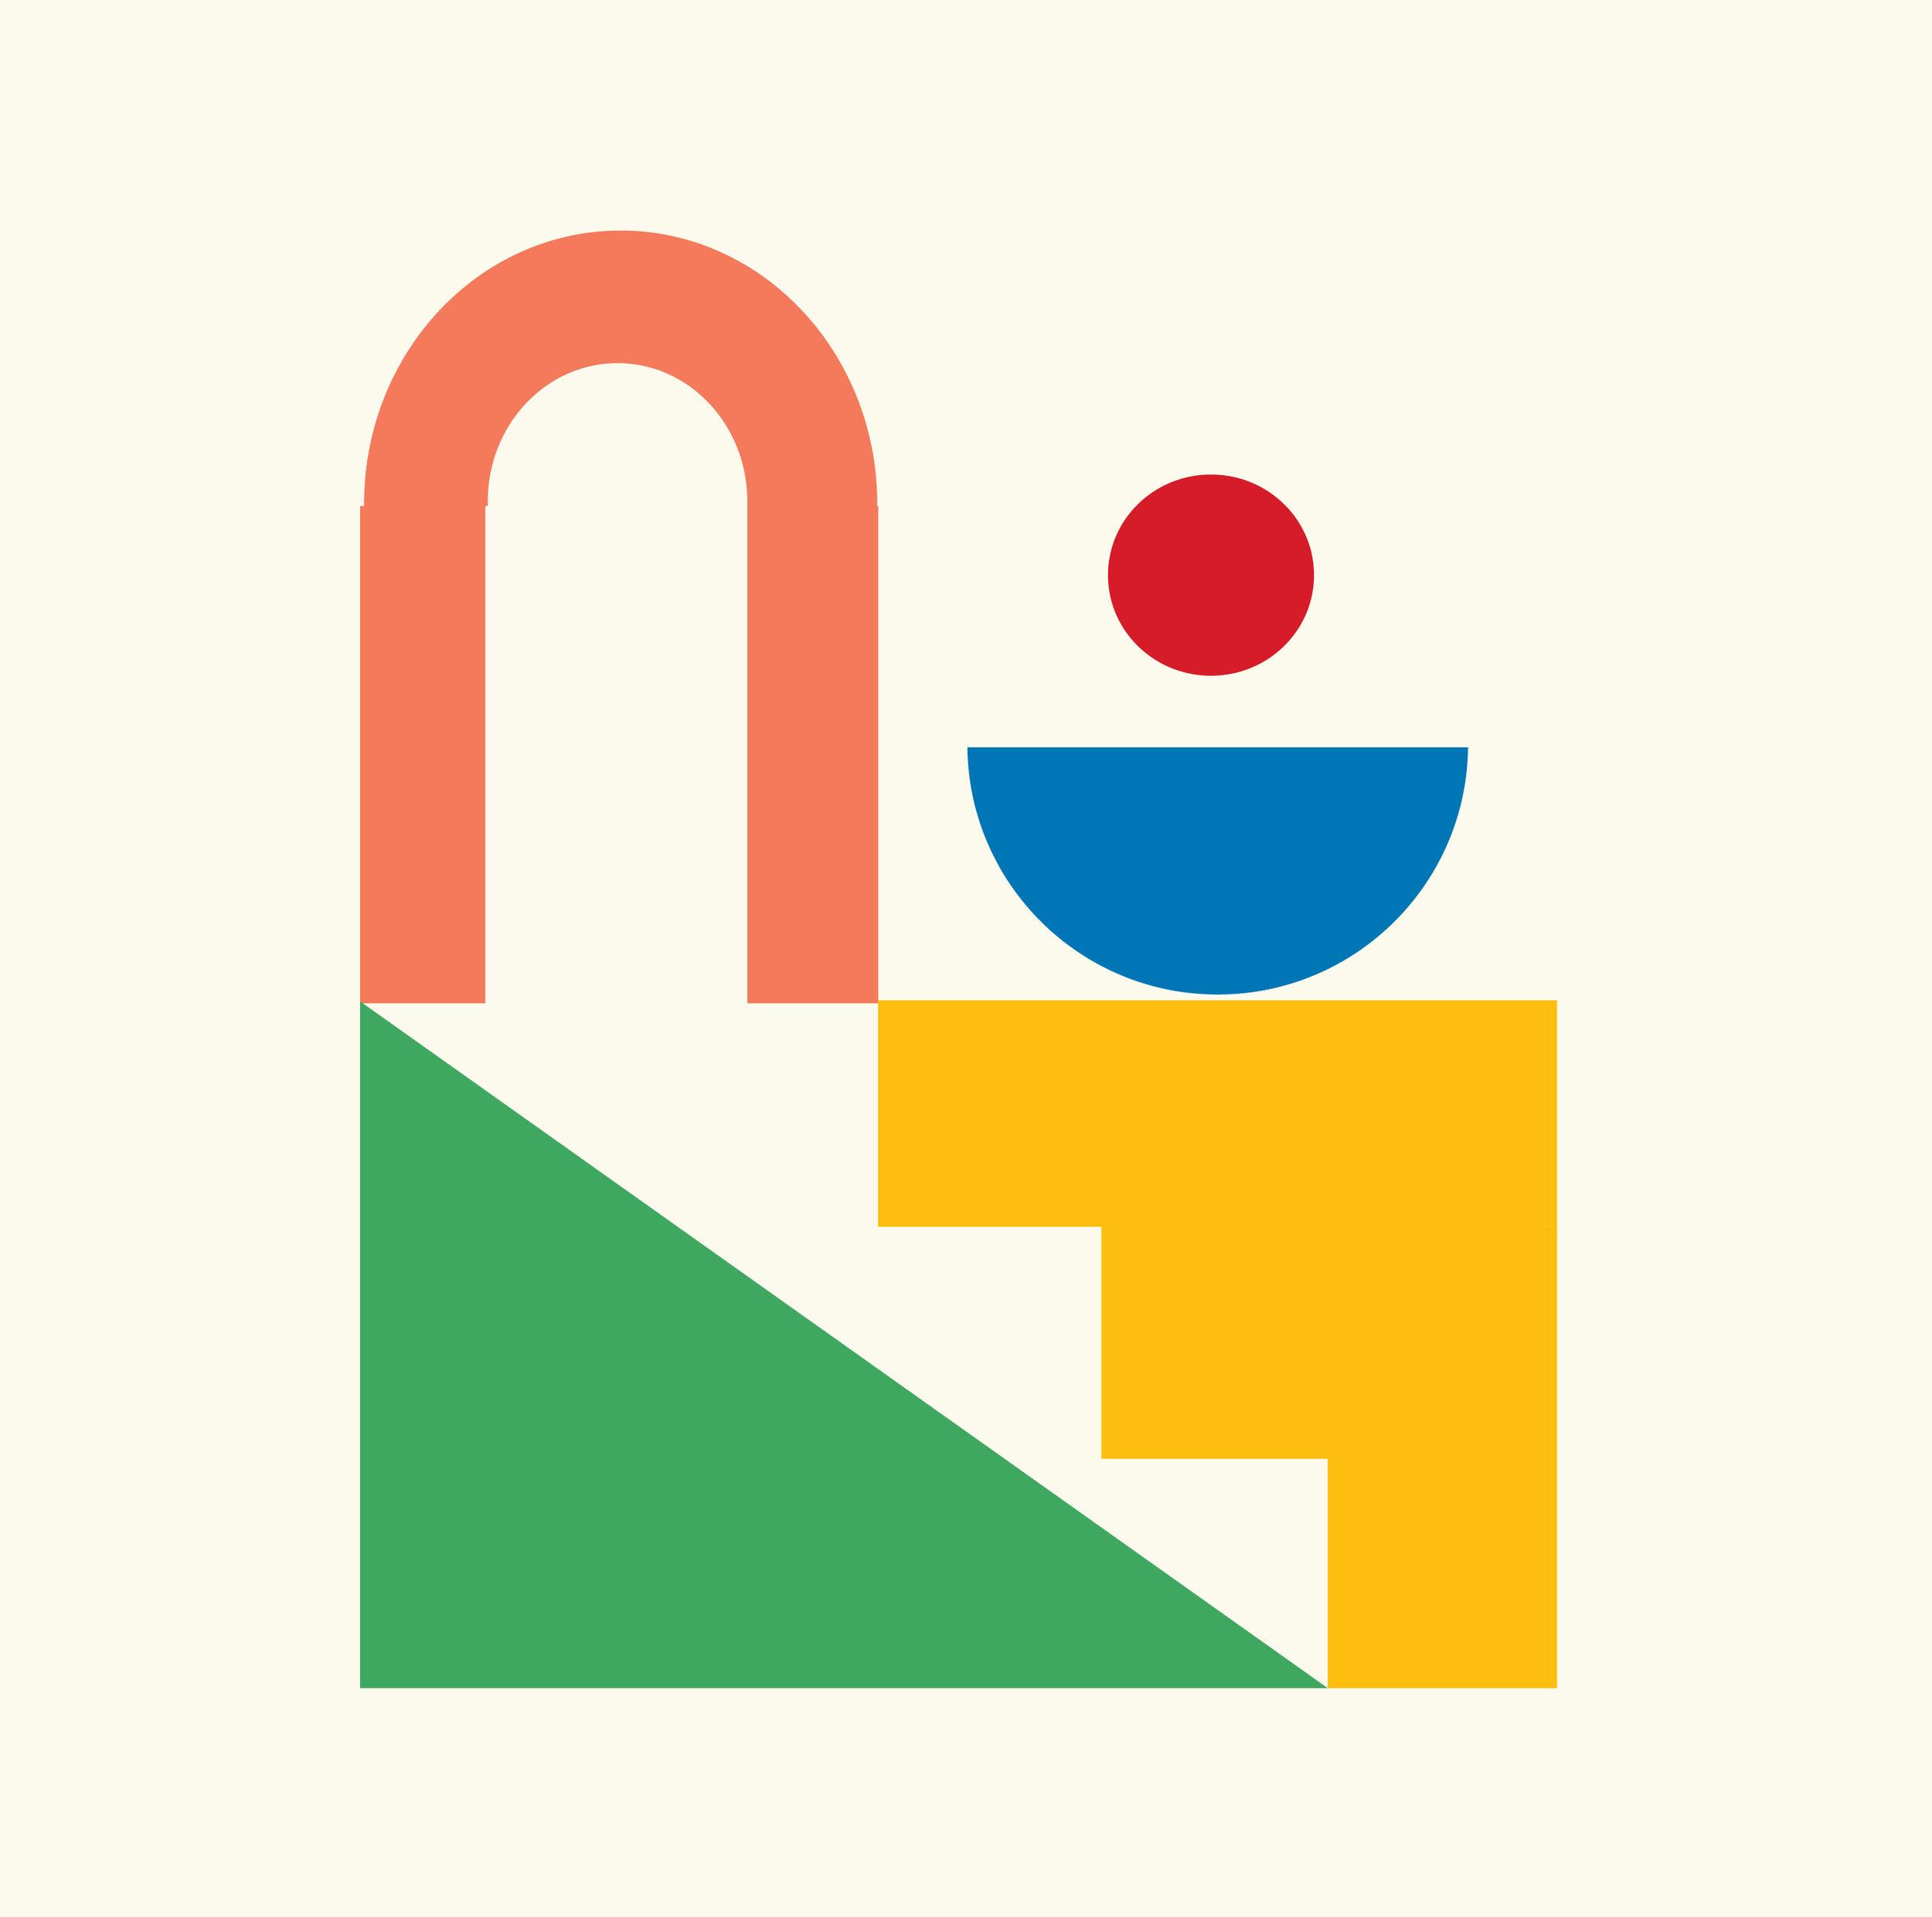 New_design.jpg